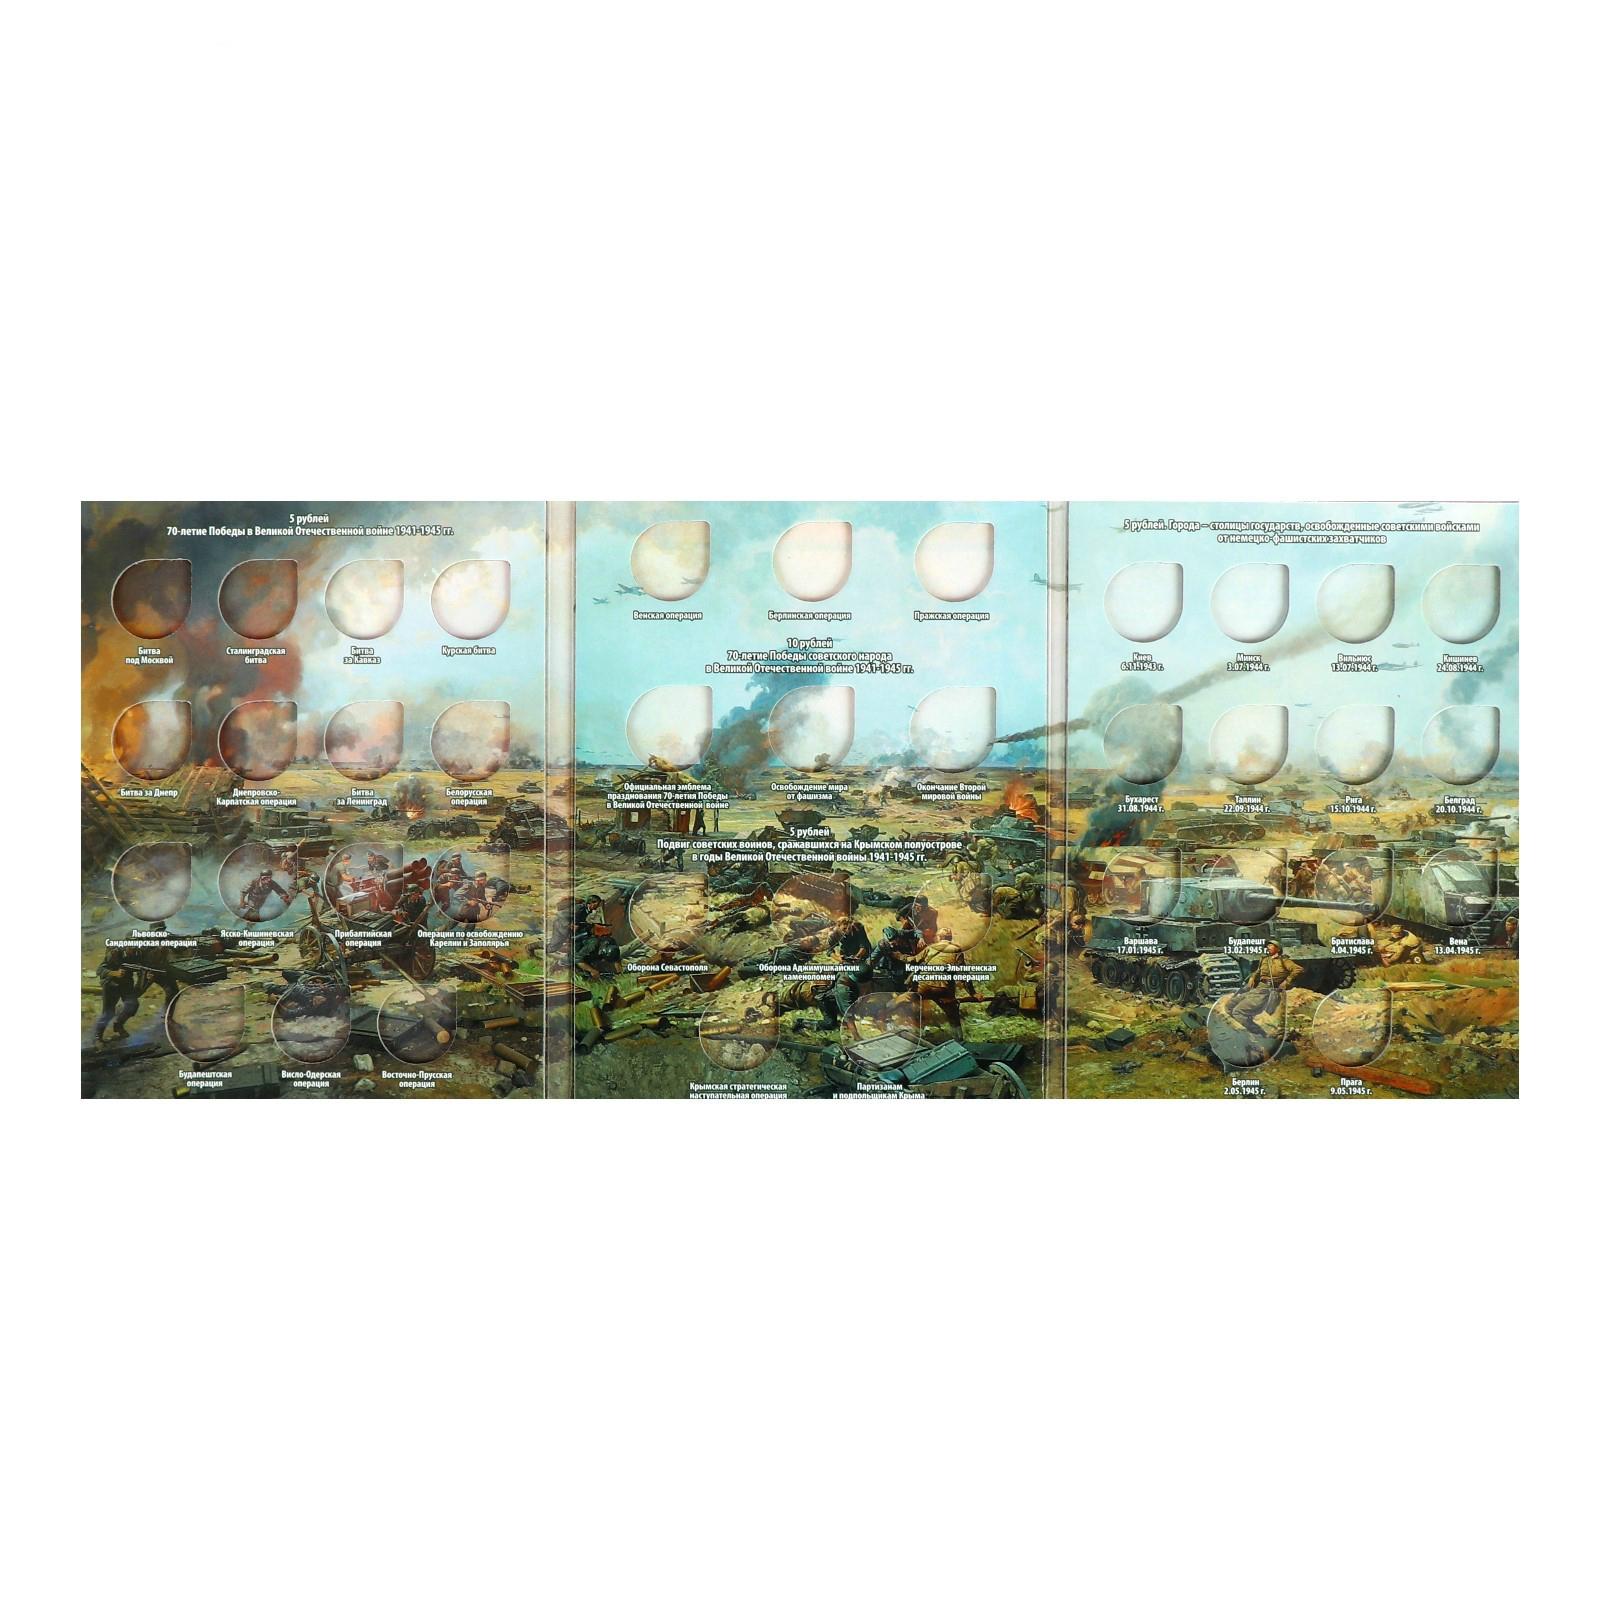 Альбом-планшет для памятных 5 и 10-рублевых монет, посвященных 70-летию Победы в Великой Отечественной войне 1941-1945 гг.